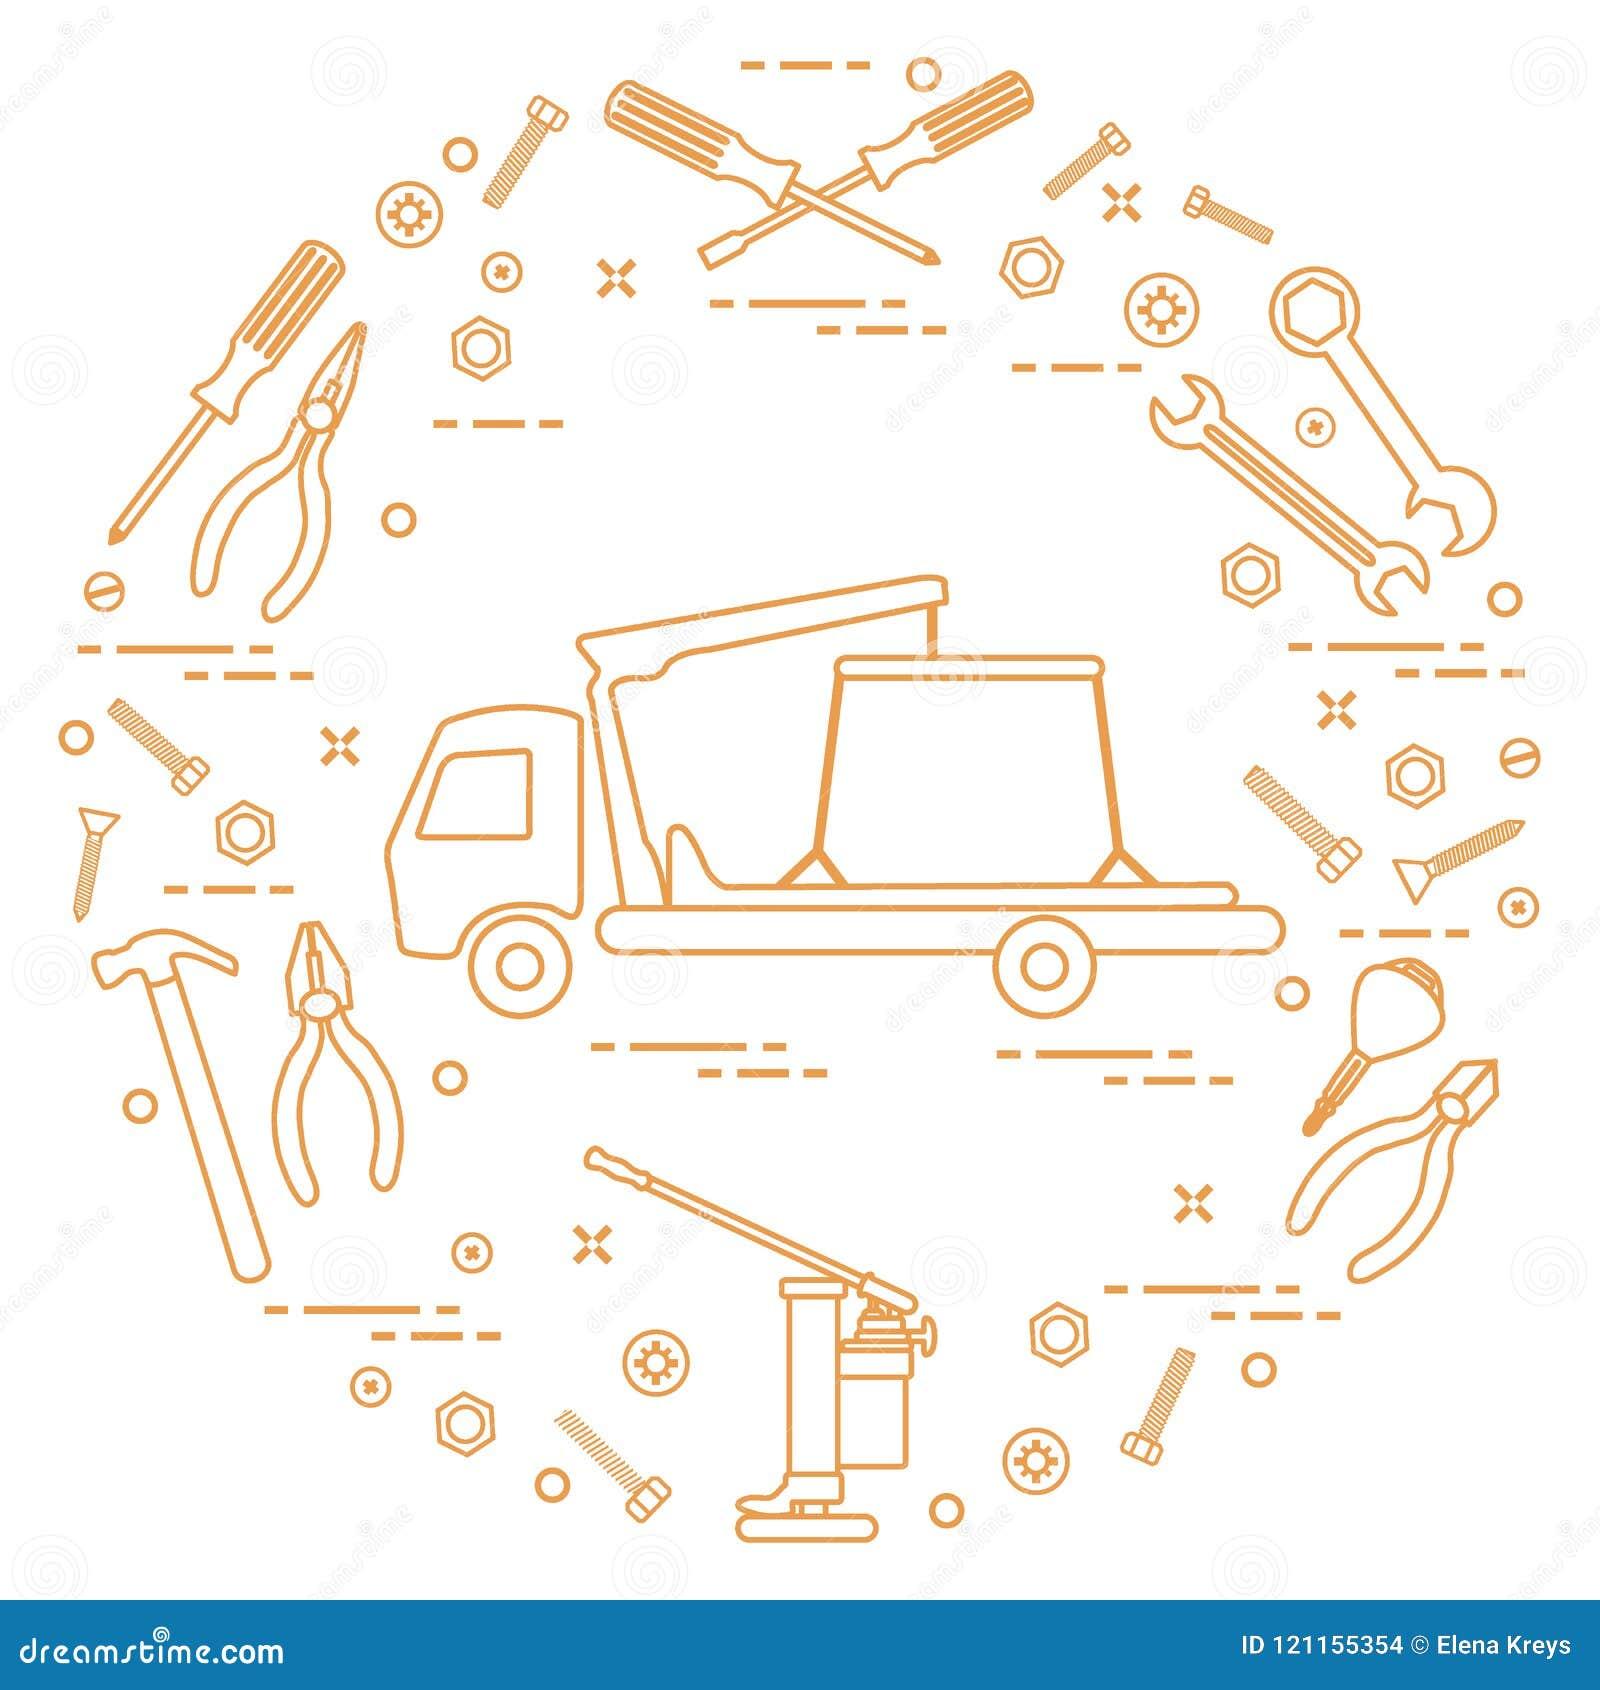 Reparaturautos: Abschleppwagen, Schlüssel, Schrauben, Schlüssel, Zangen, Steckfassung, Schinken